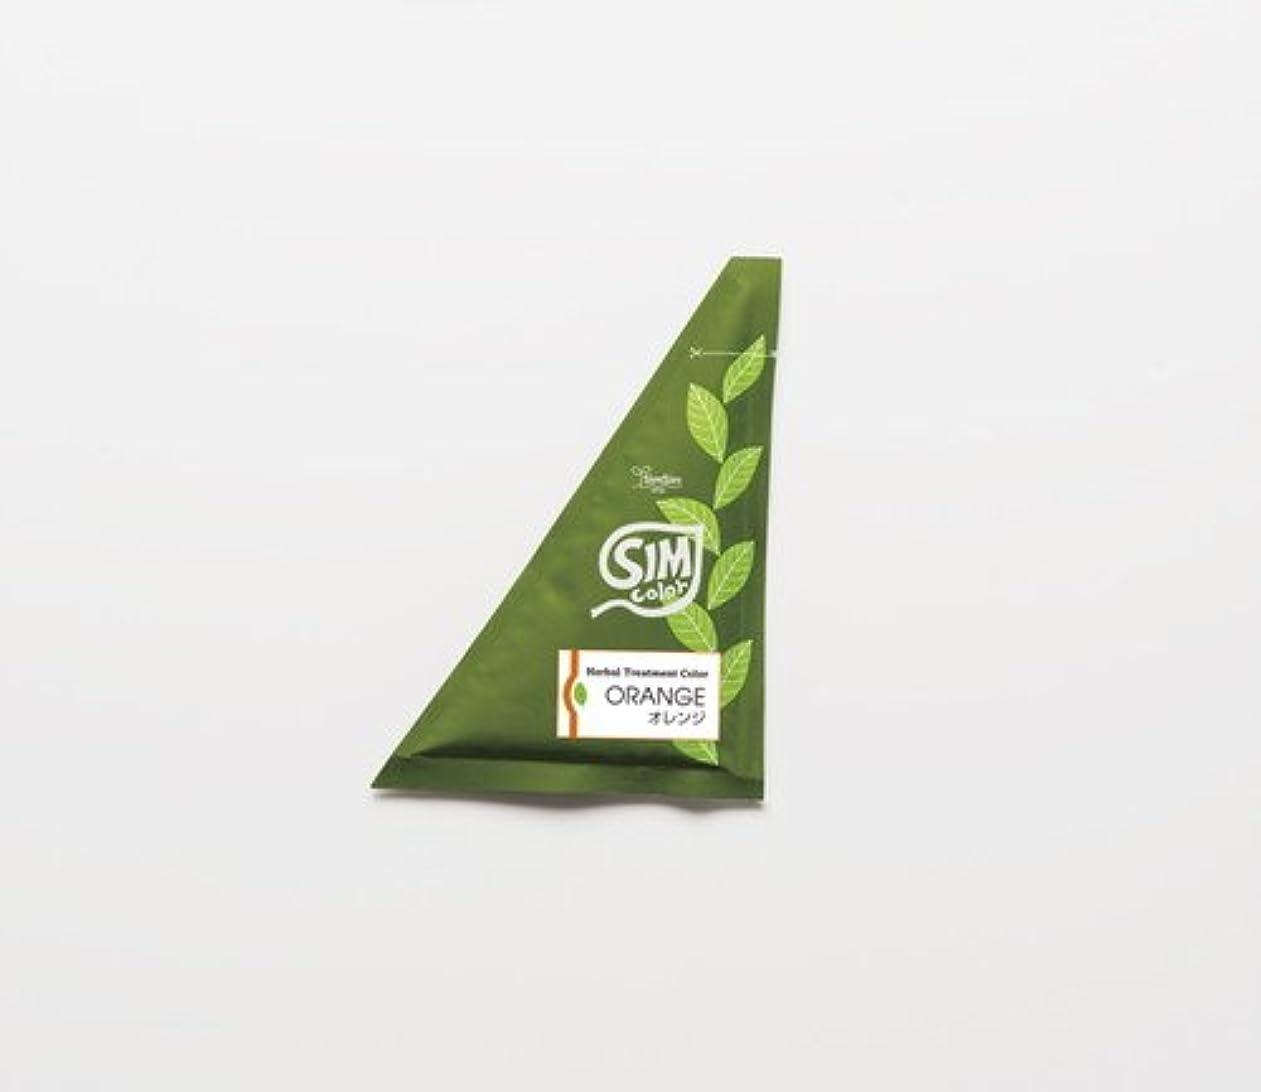 兄弟愛相談節約SimSim(シムシム)お手軽簡単シムカラーエクストラ(EX)25g 2袋 オレンジ